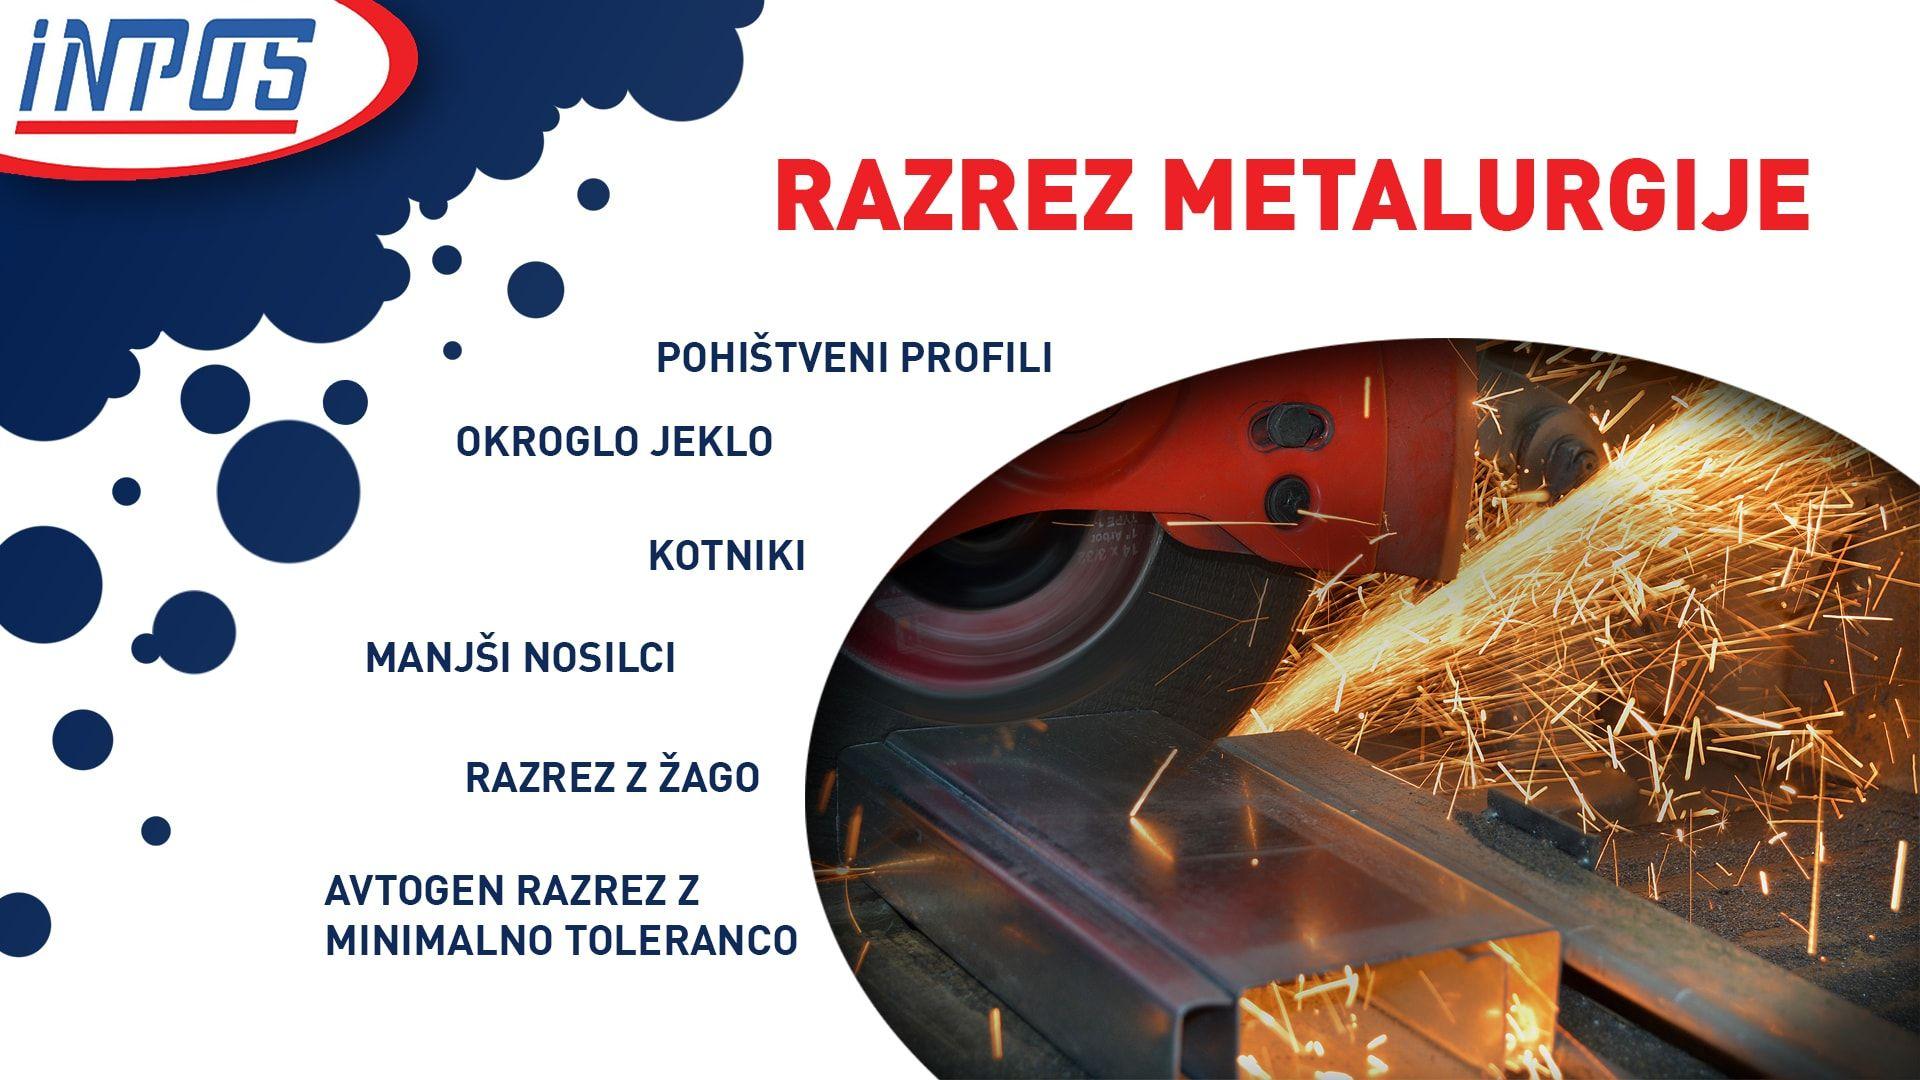 Razrez metalurgije